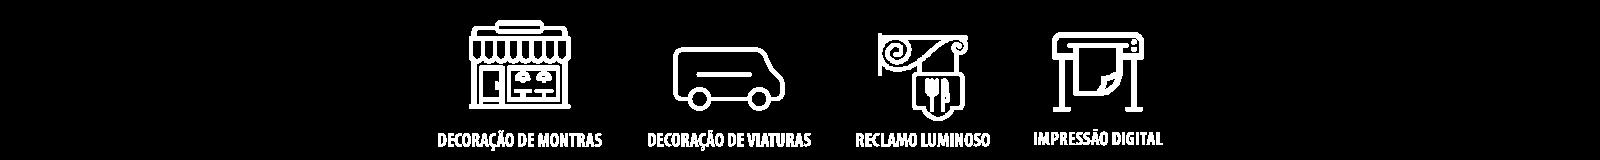 https://criatopo.com/wp-content/uploads/2017/04/decoracao-de-montras-viaturas-reclamos-2-1600x160.png